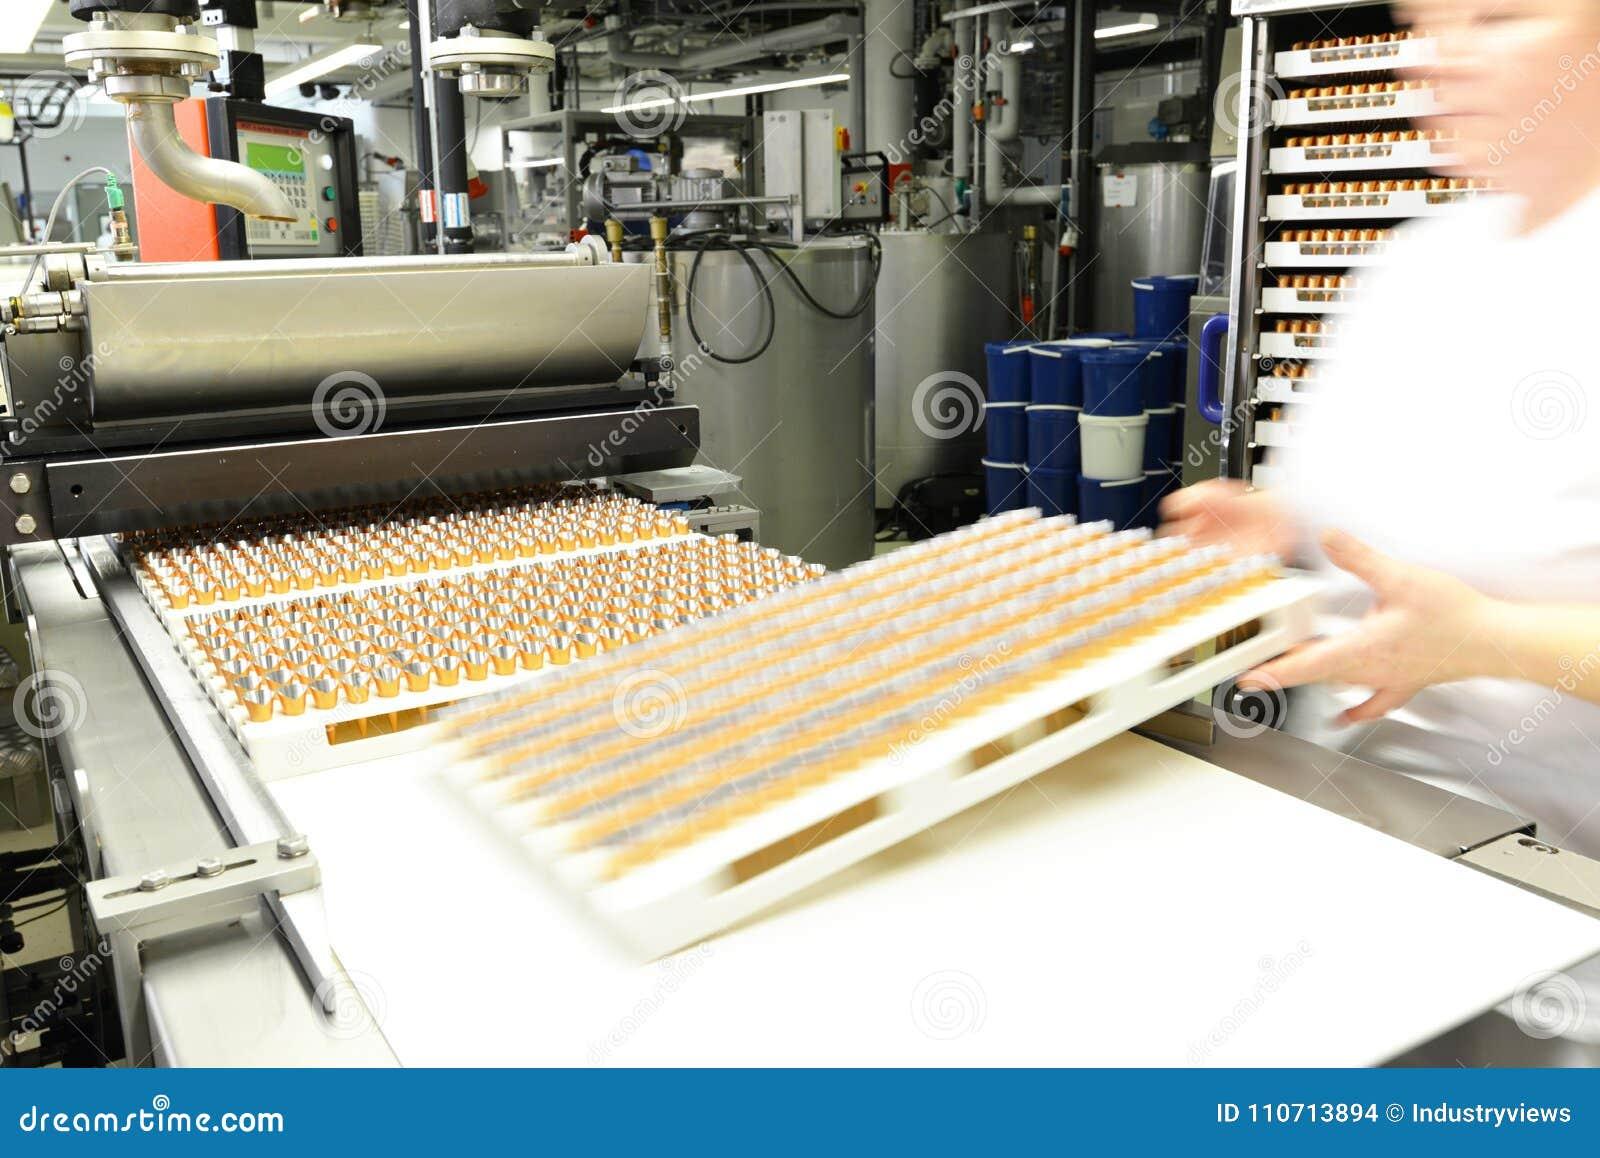 Productie van pralines in een fabriek voor de voedselindustrie